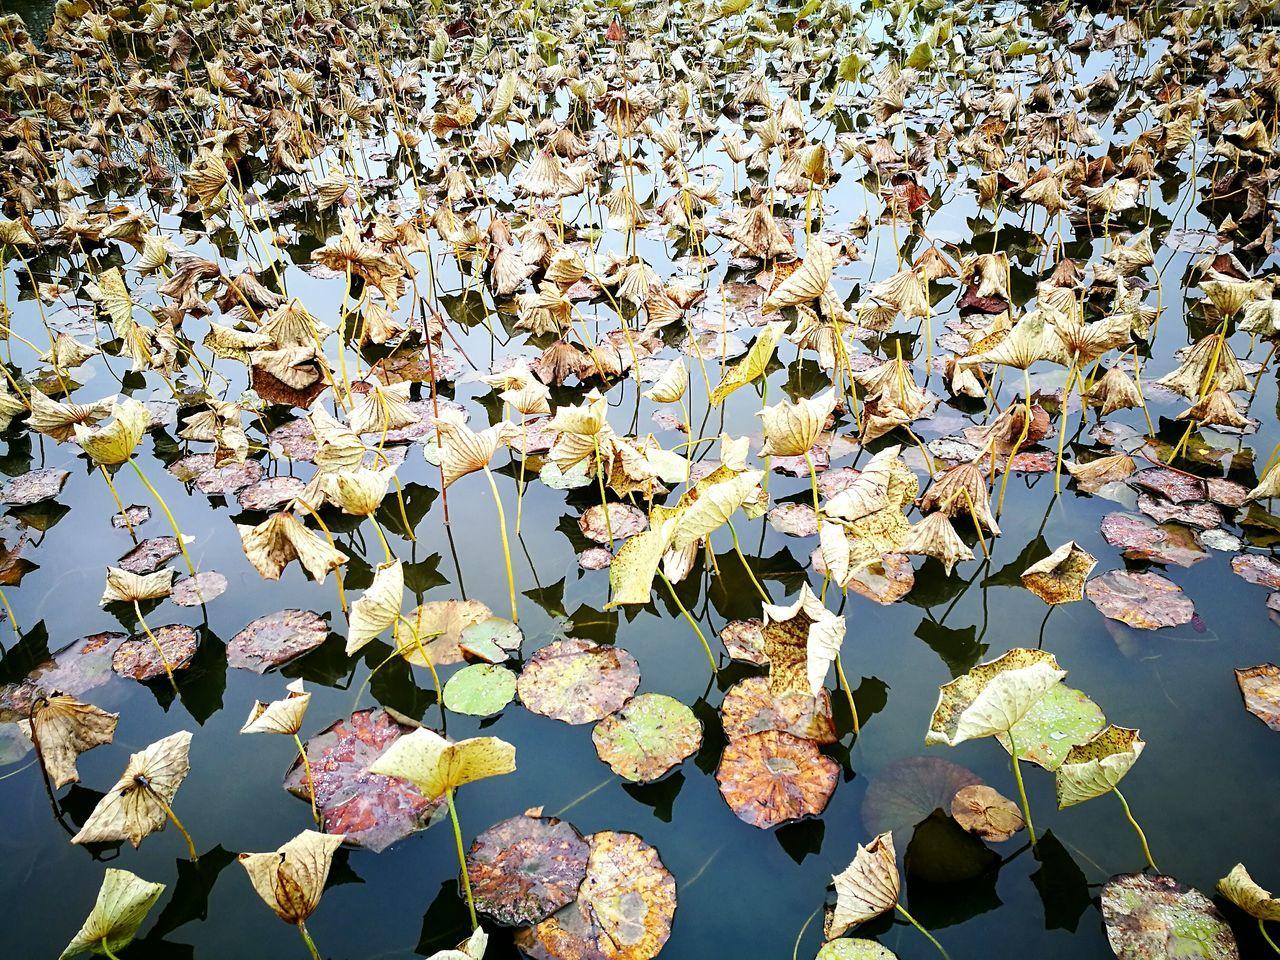 Nature Beauty In Nature Flower No People Water Outdoors Parc Floral De Paris Parc Floral Paris Parisjetaime Ninfea Leaves Autumn